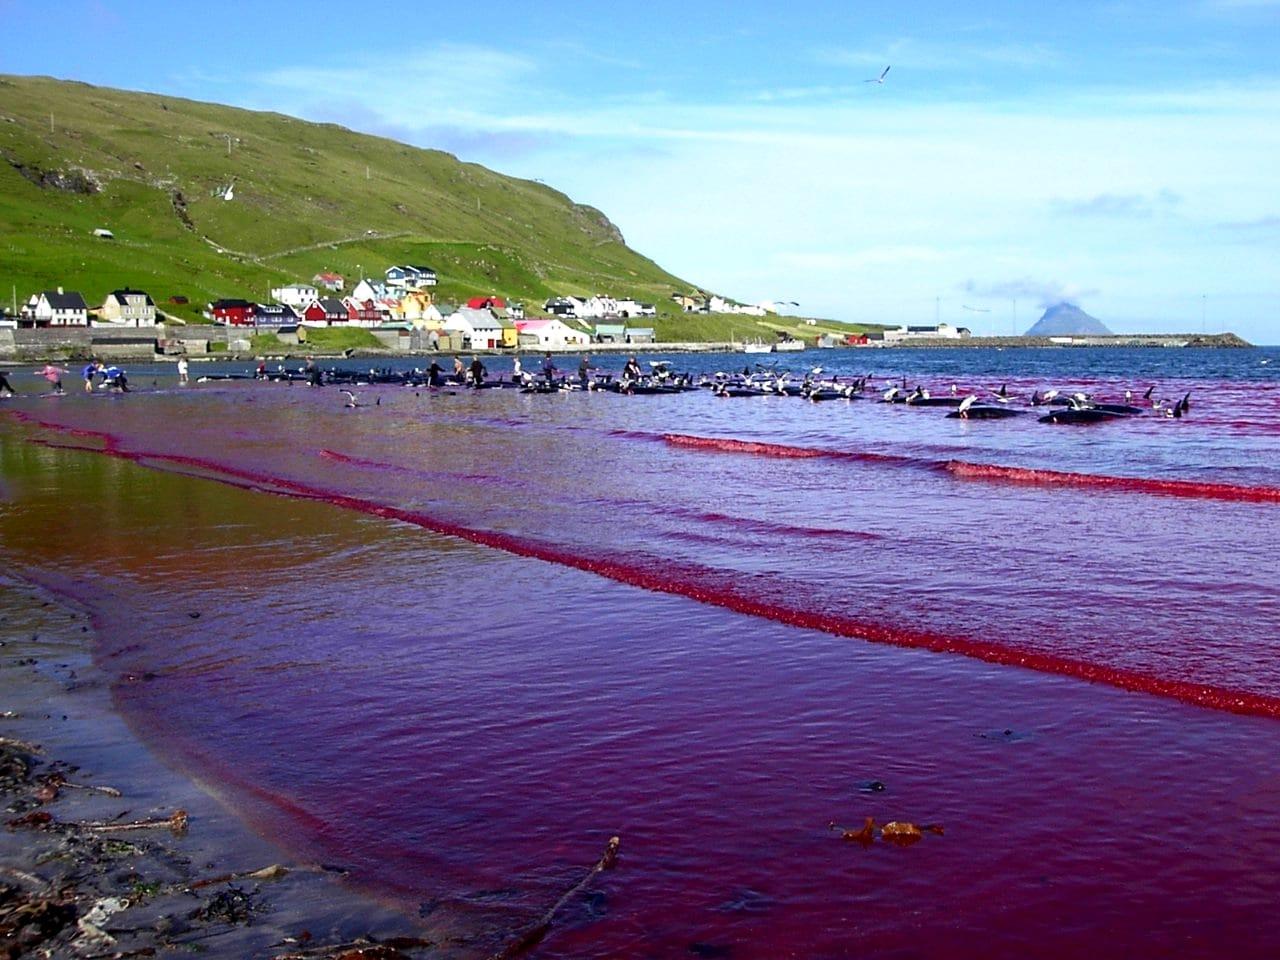 wody zatoki wypełnione krwią po Grindgrap divers24.pl